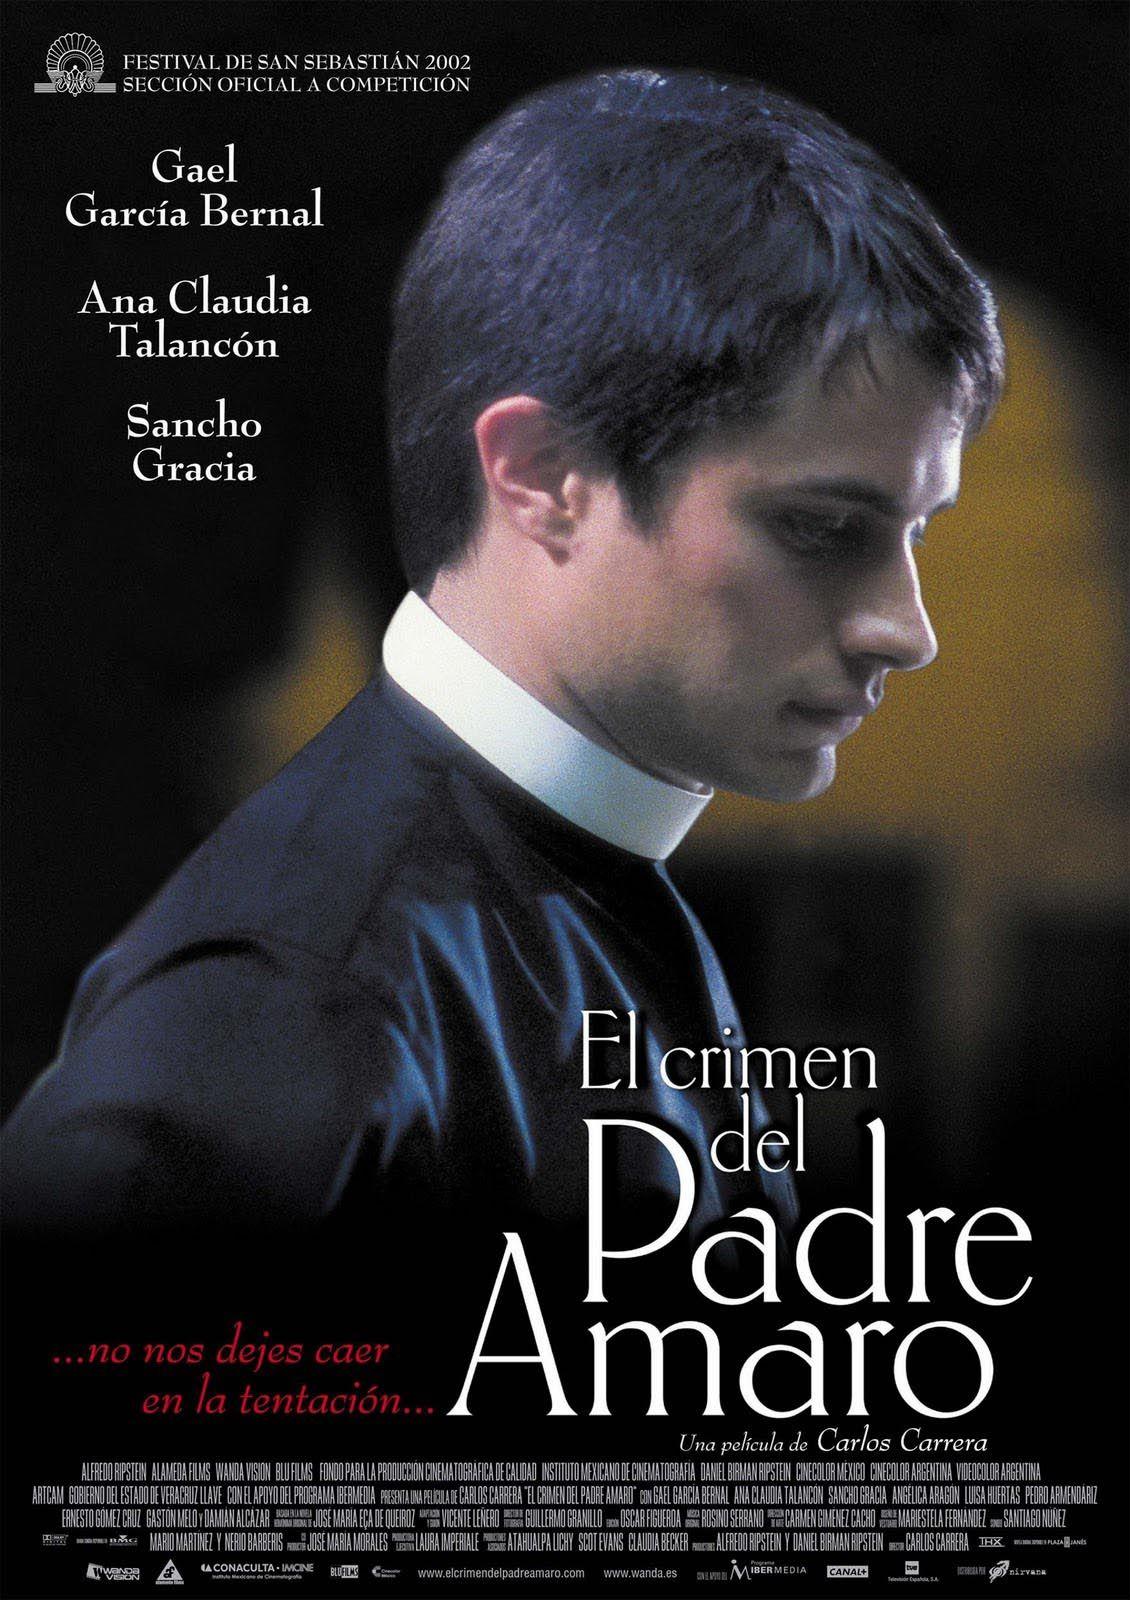 El Crimen Del Padre Amaro 2002 Gael Garcia Bernal Crimen Peliculas Cine